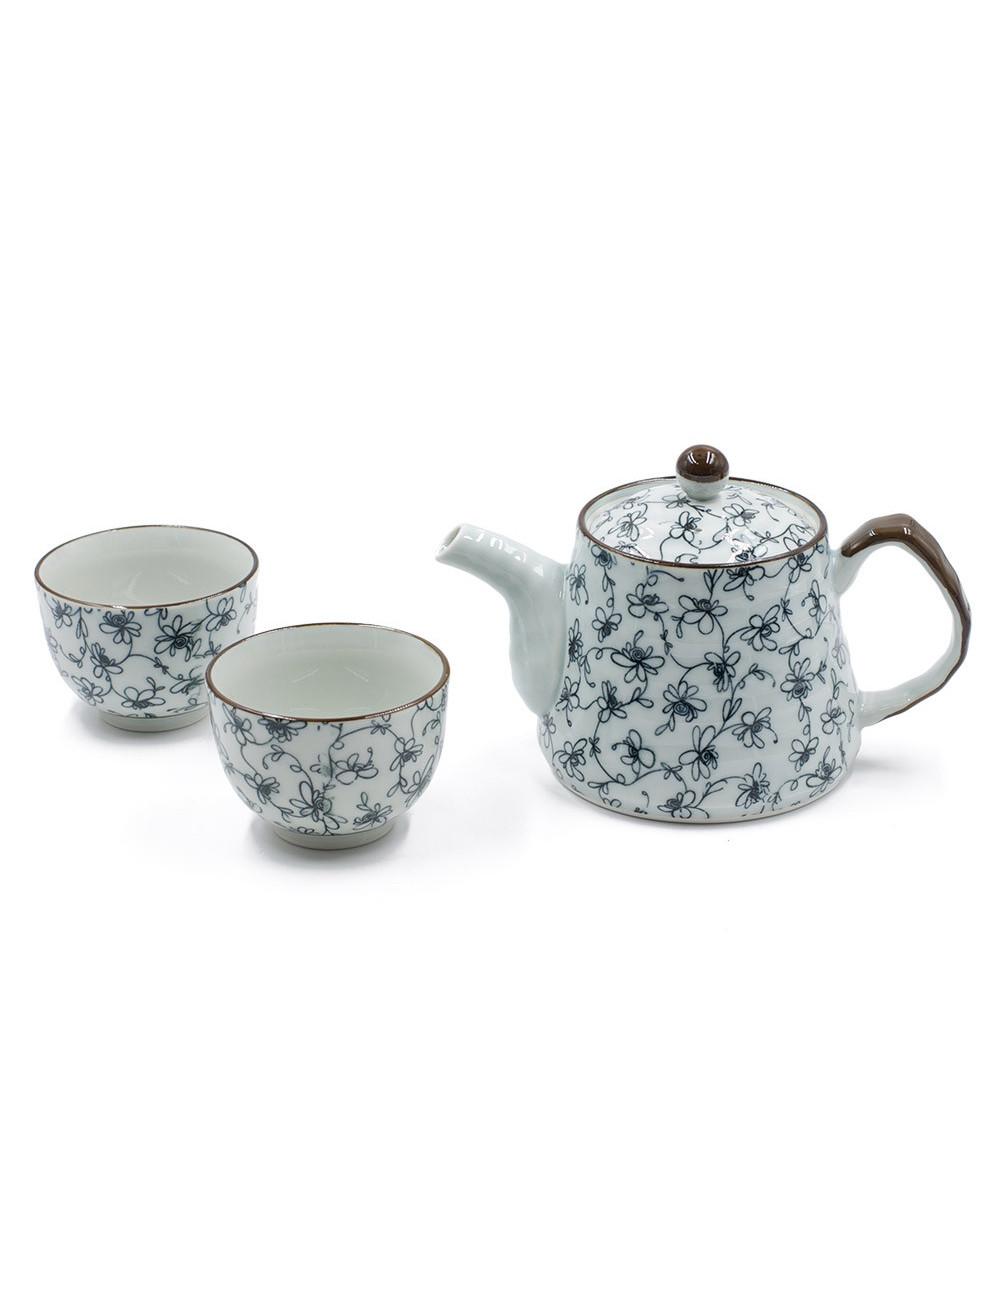 Set Furawa teiera da 500 ml con 2 ciotole motivi floreali blu - La Pianta del Tè Acquista online